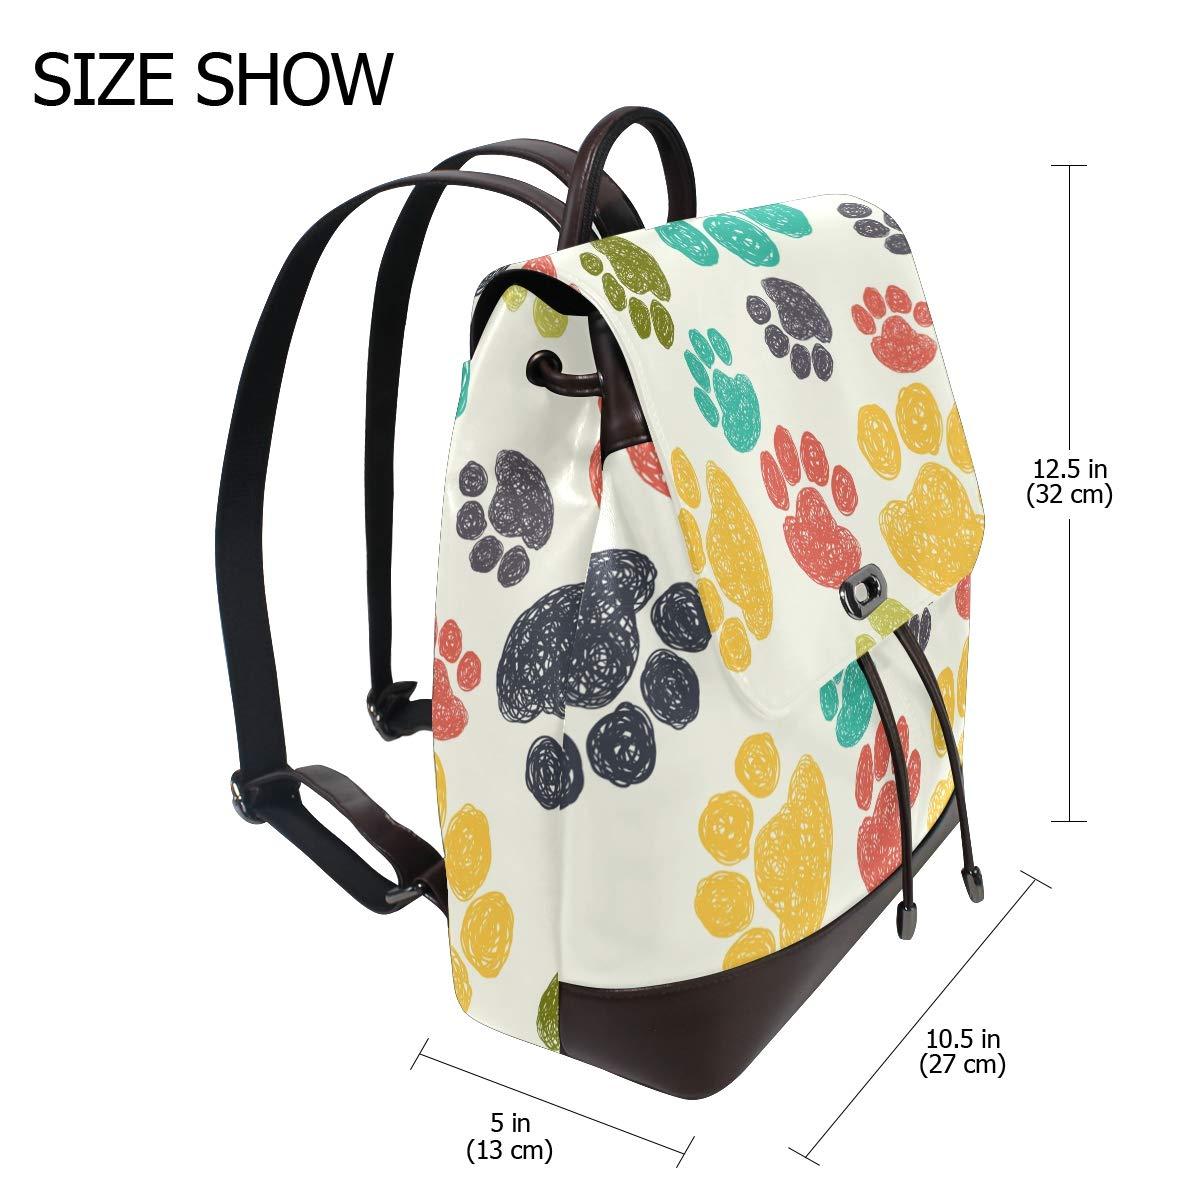 XiangHeFu, Unisex, Erwachsene Erwachsene Erwachsene (nur Gepäck) Daypack Image 791 12.5(L) x 13.5(H) x 4.5(W) Inches B07J3NHTSH Daypacks Saisonaler heißer Verkauf 4f3f9a